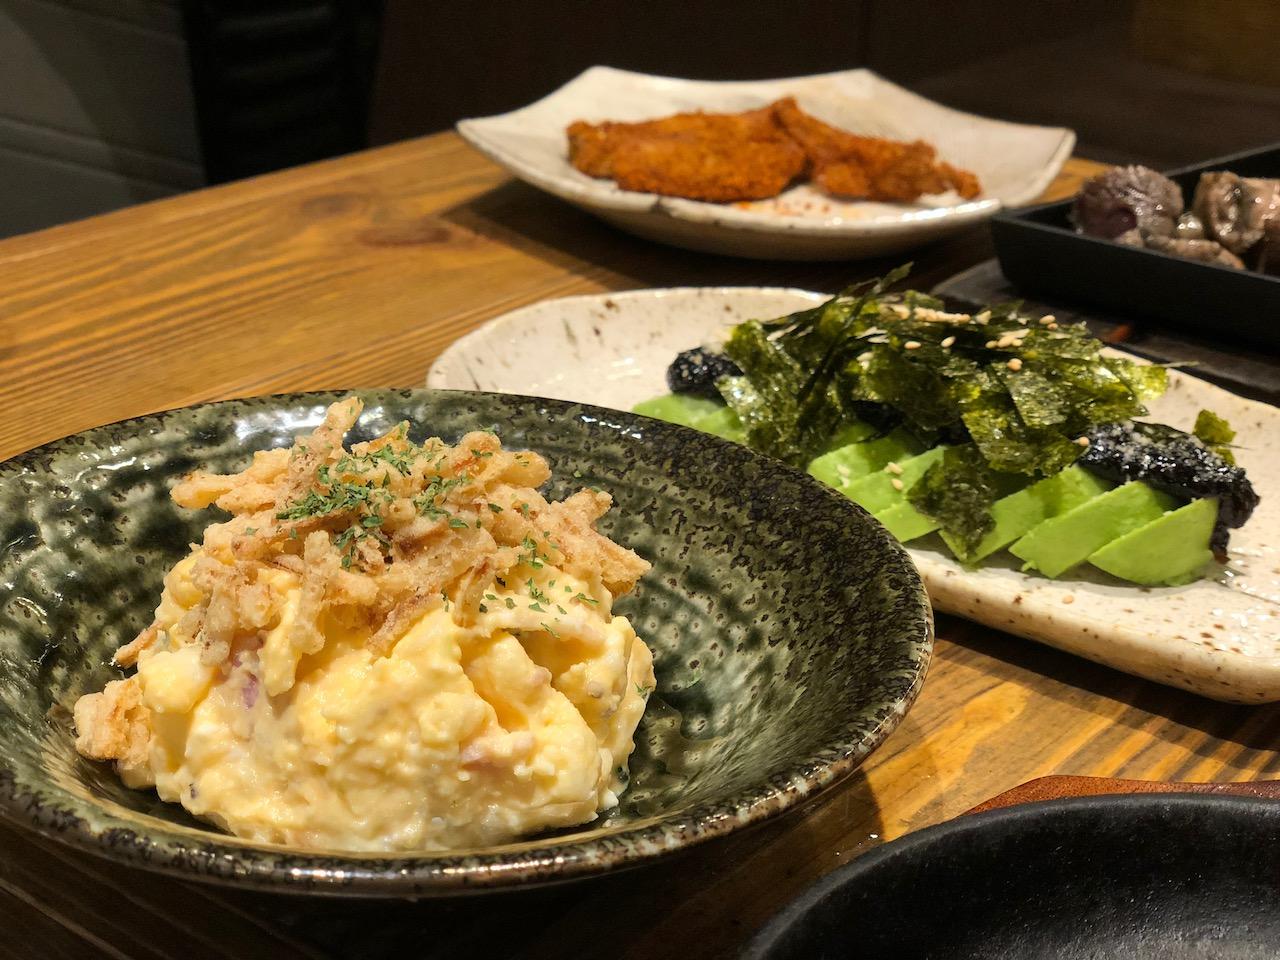 鶏料理が食べたい?それなら姫路駅前の塚田農場は何食べても美味いで!